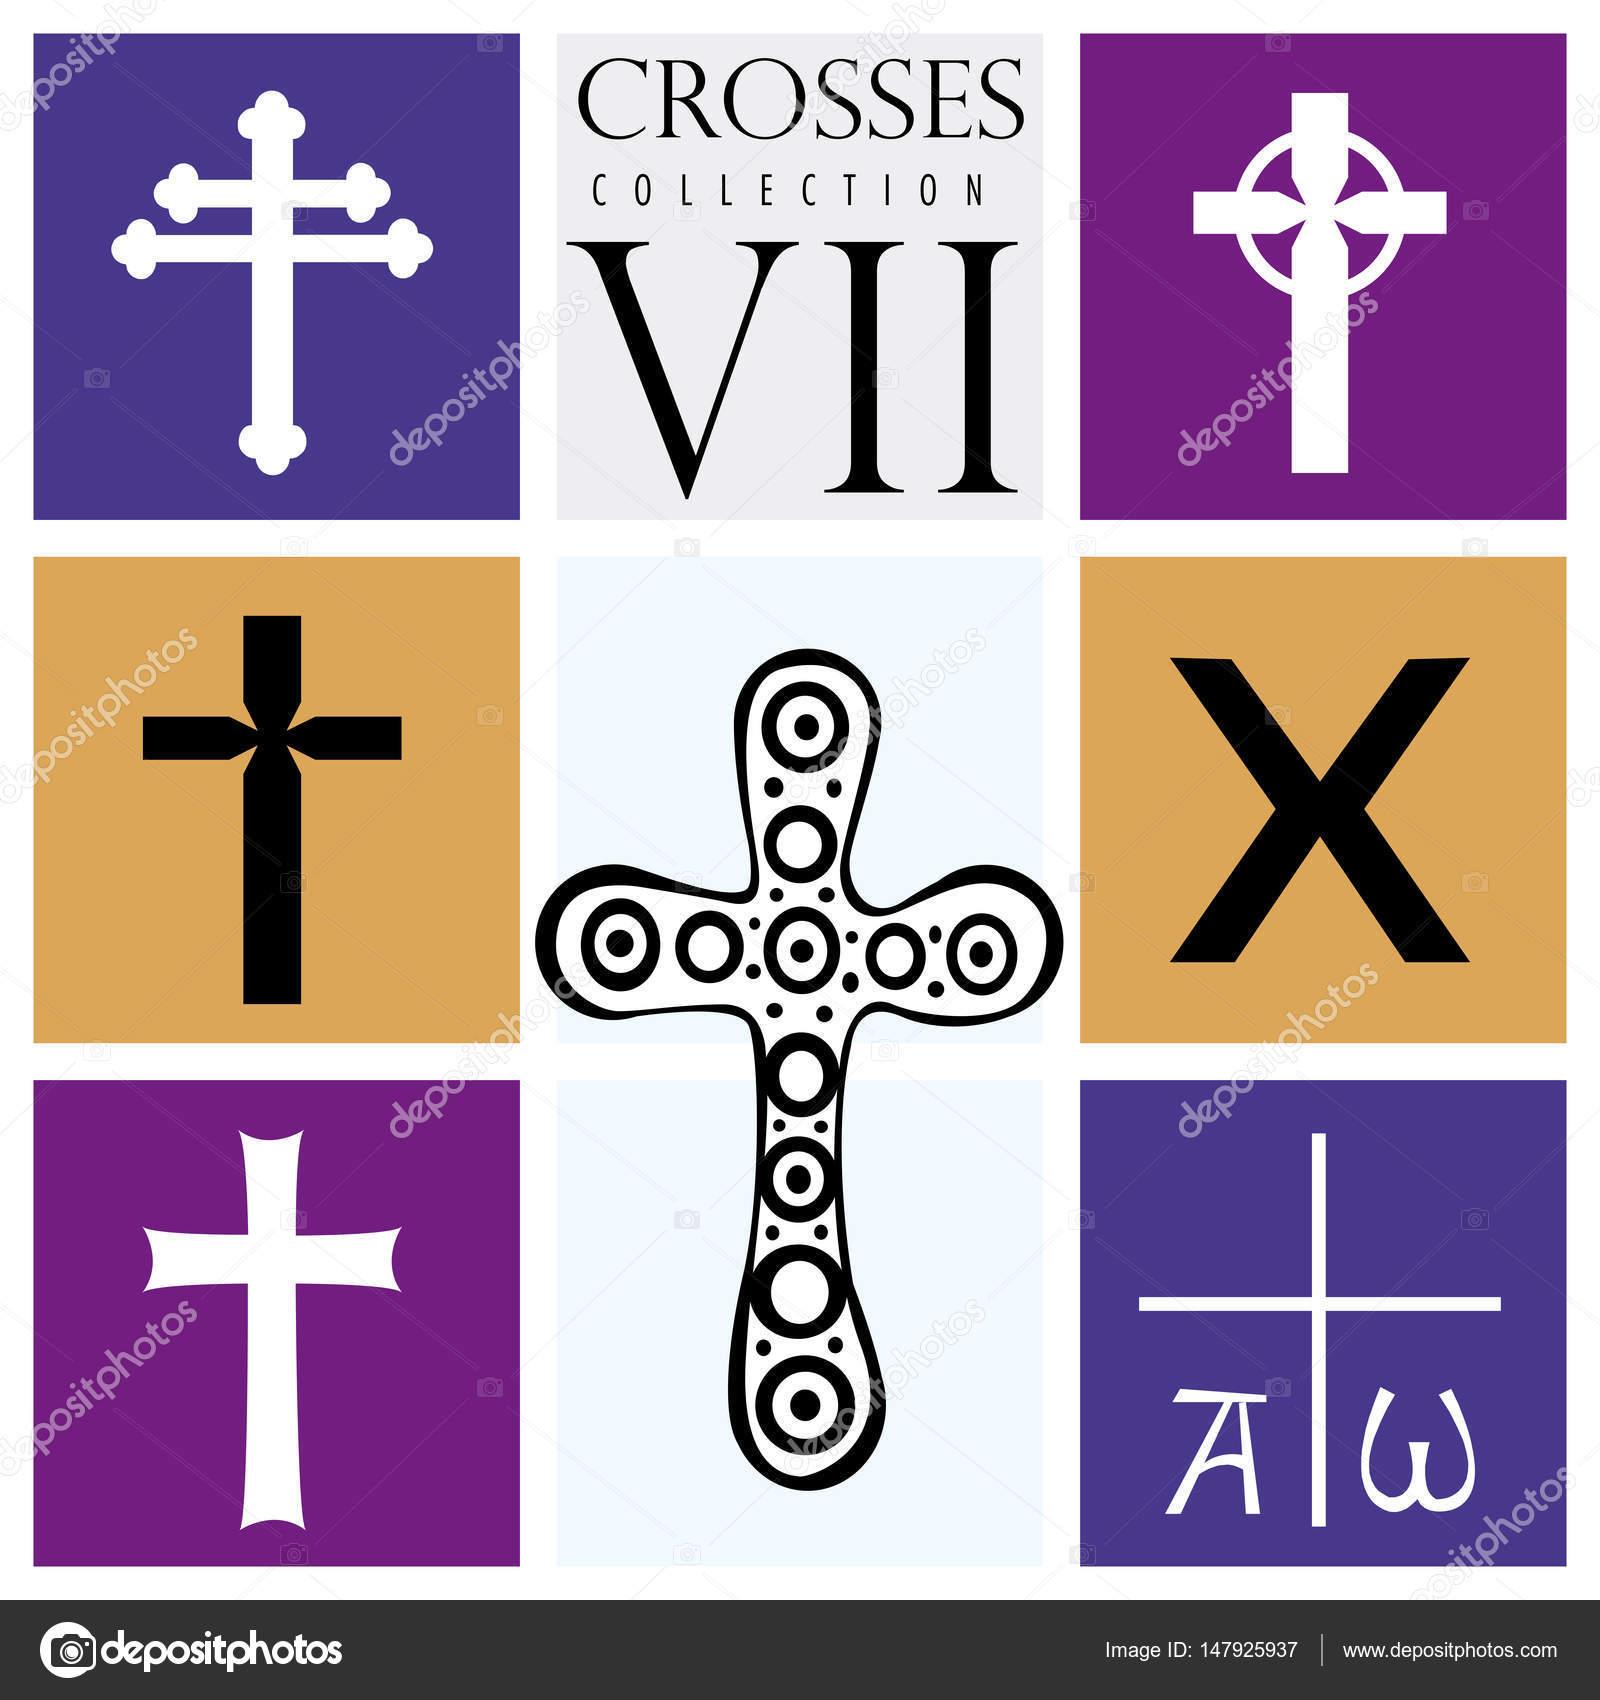 Fotos Tipos Cruces Catolicas Conjunto De Diferentes Tipos De